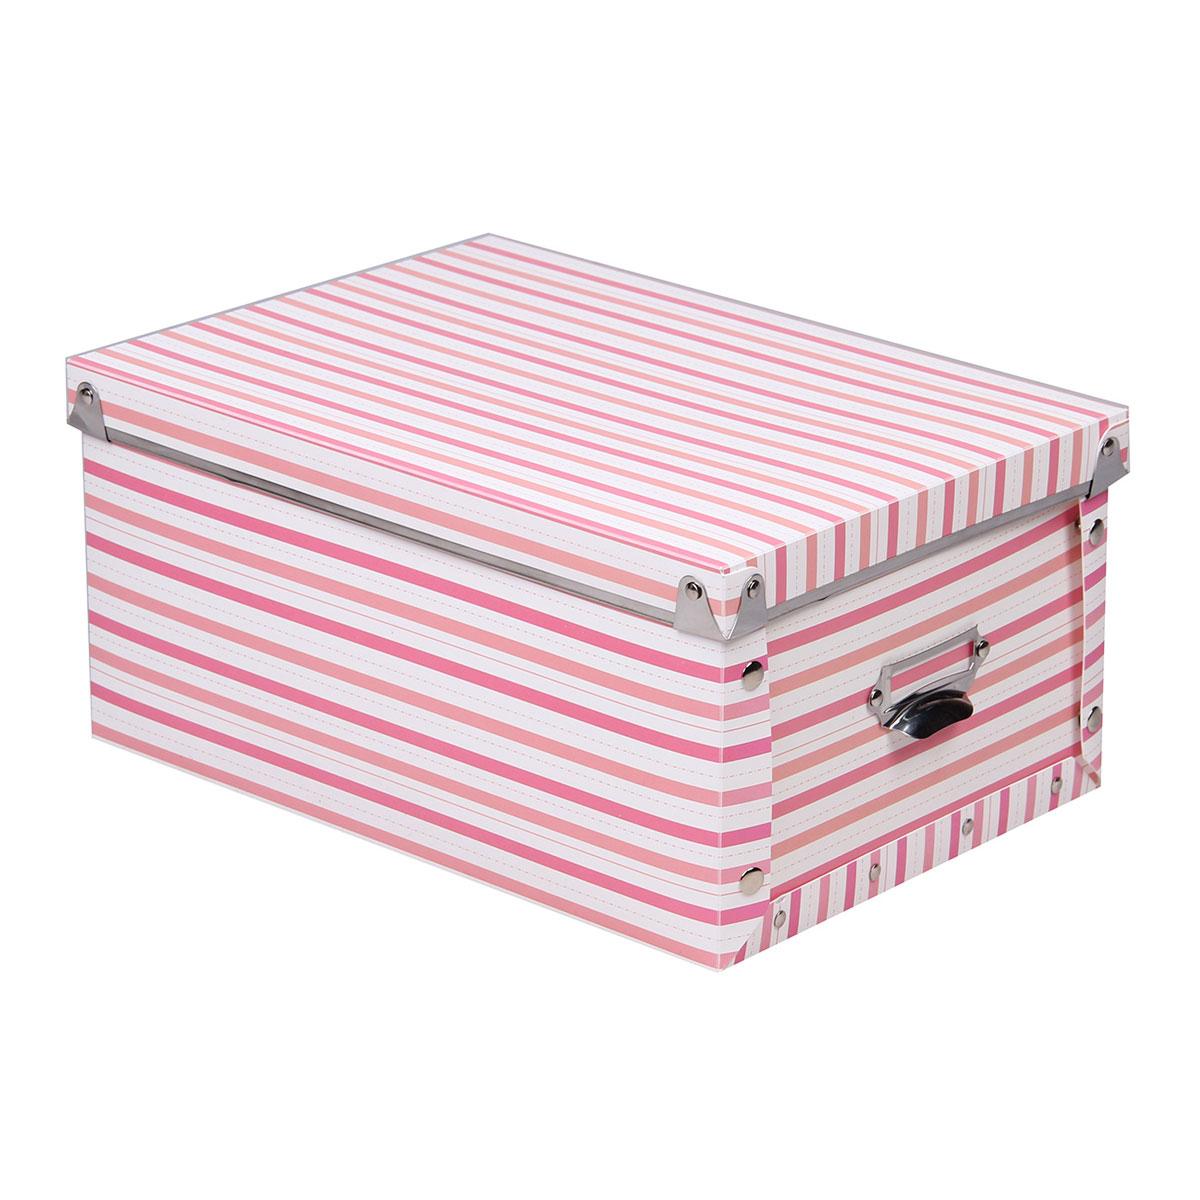 Короб для xранения Miolla, 22,5 x 18,5 x 15 см. SBС-02 короб для xранения miolla круги 30 x 40 x 18 см sbb 04